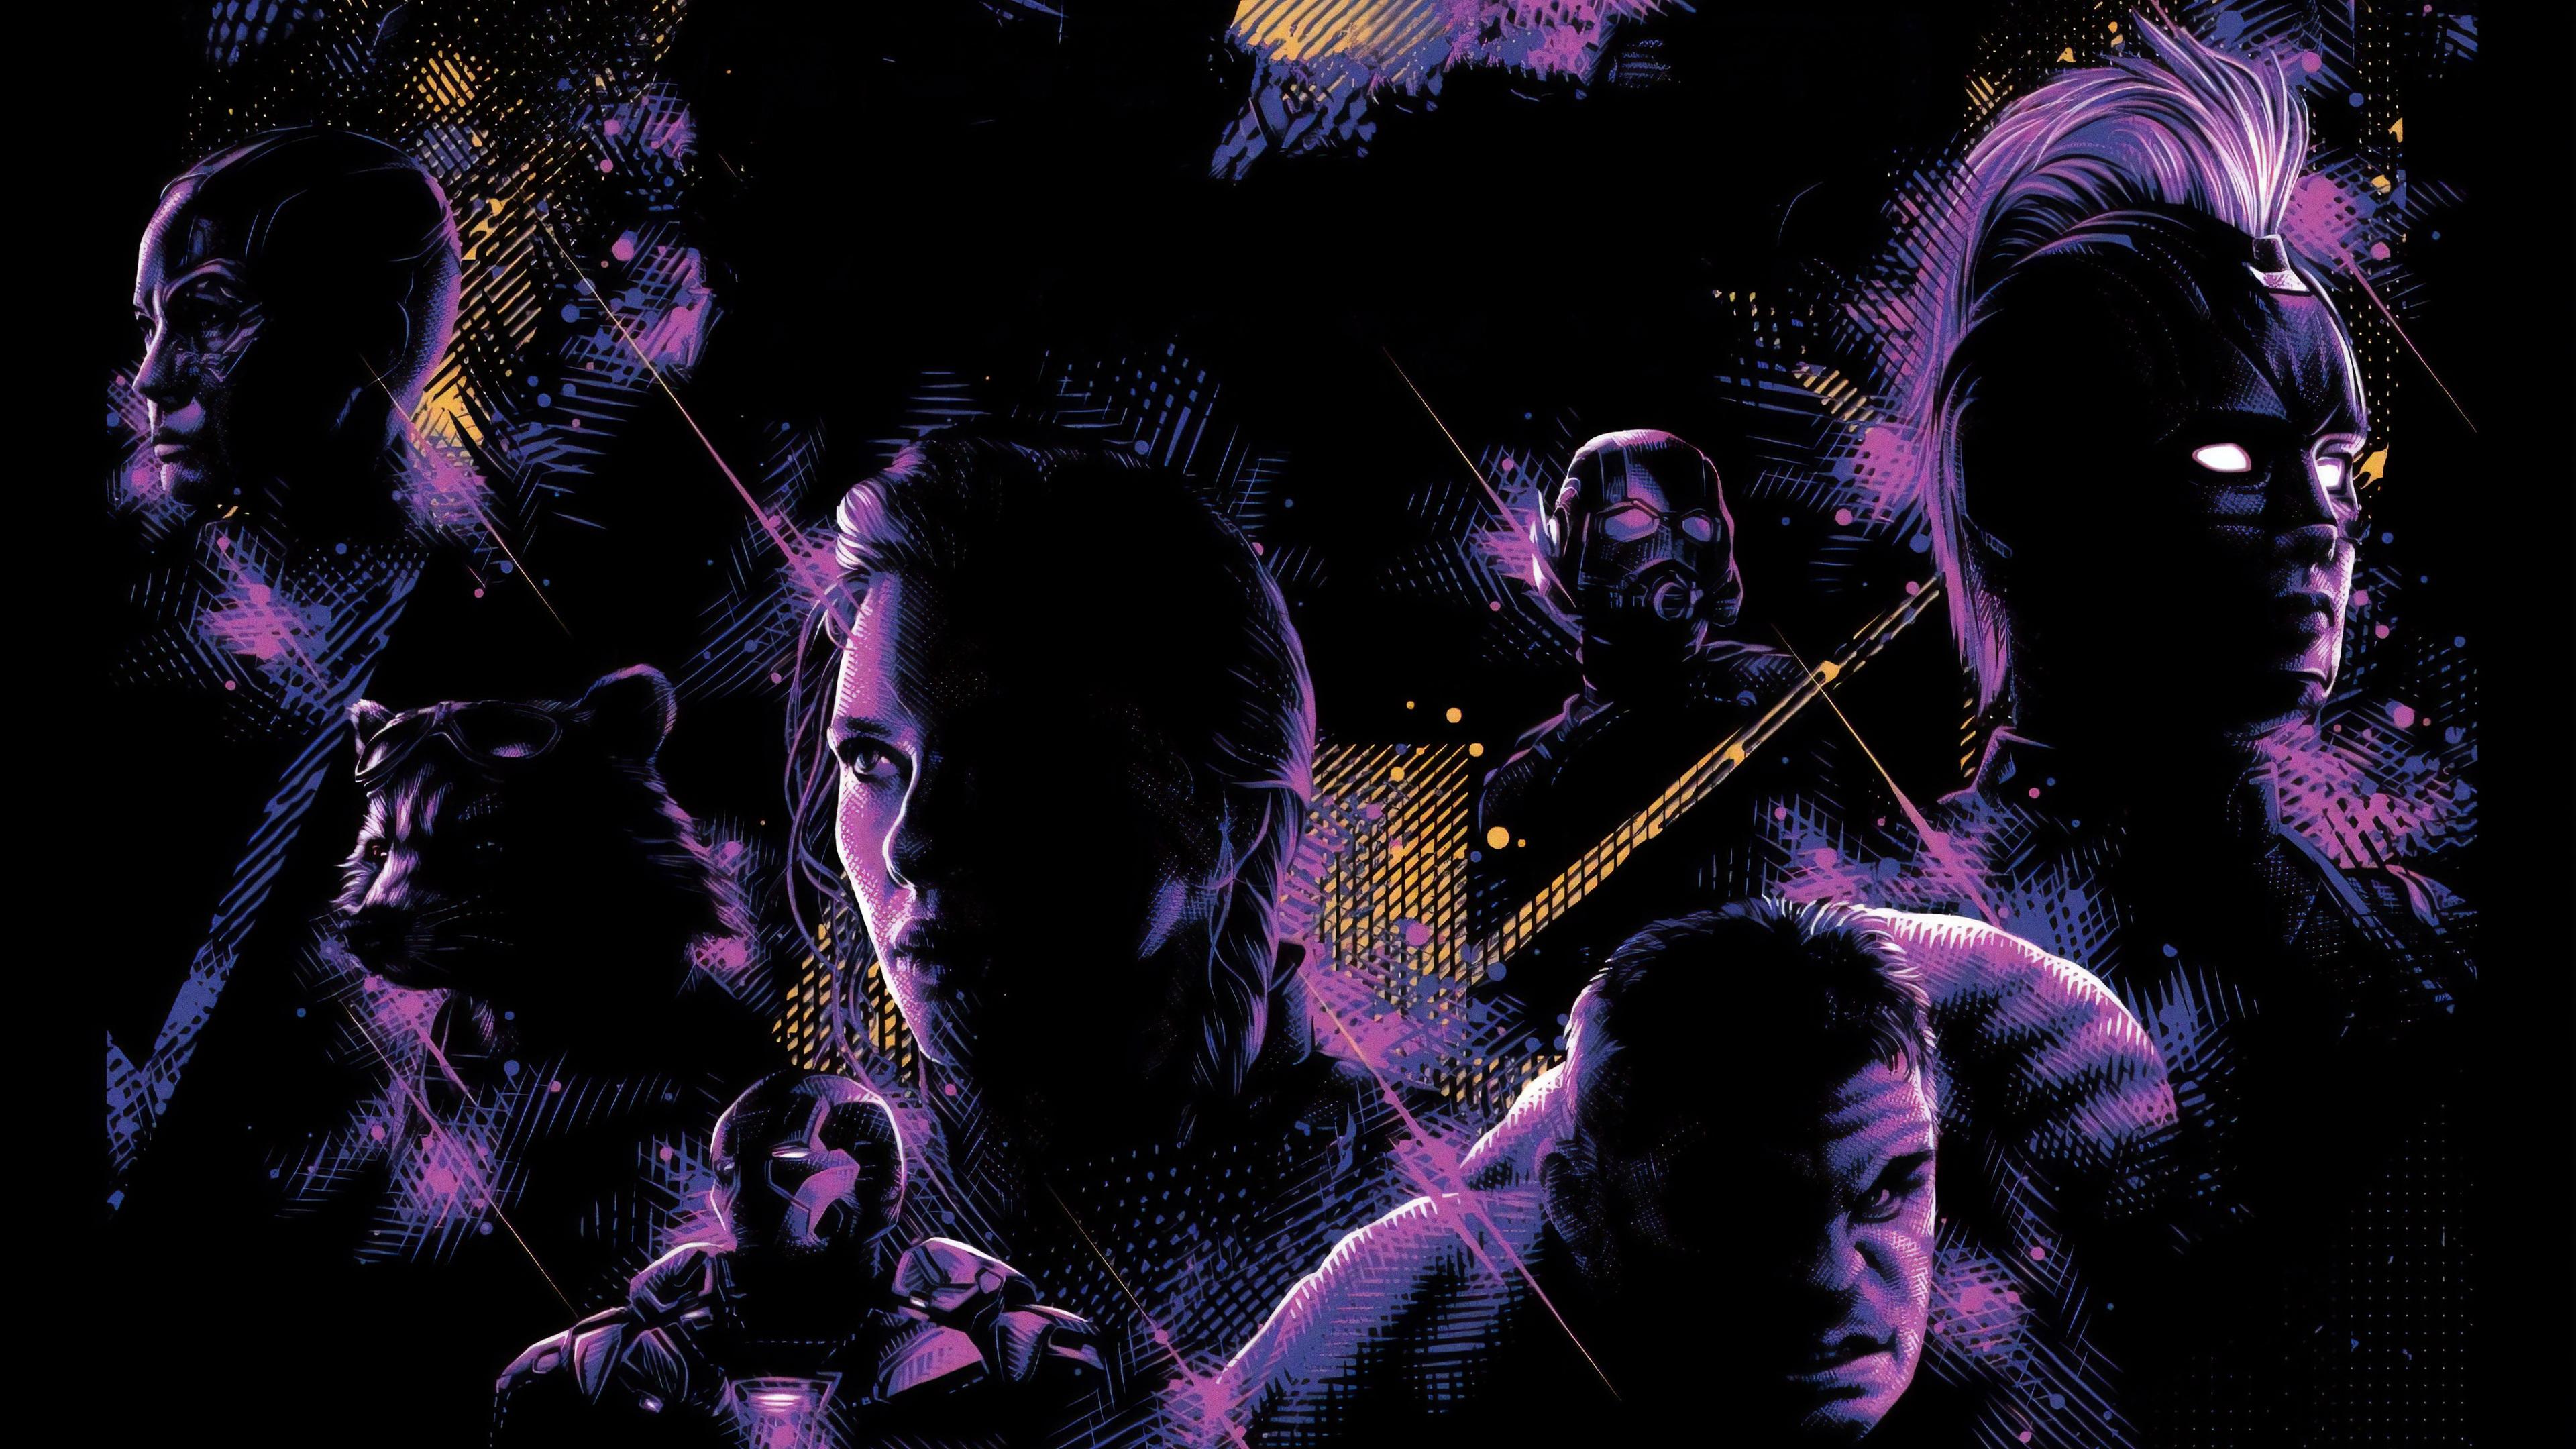 avengers endgame new poster 4k 1558219904 - Avengers Endgame New Poster 4k - poster wallpapers, movies wallpapers, hd-wallpapers, avengers endgame wallpapers, 4k-wallpapers, 2019 movies wallpapers